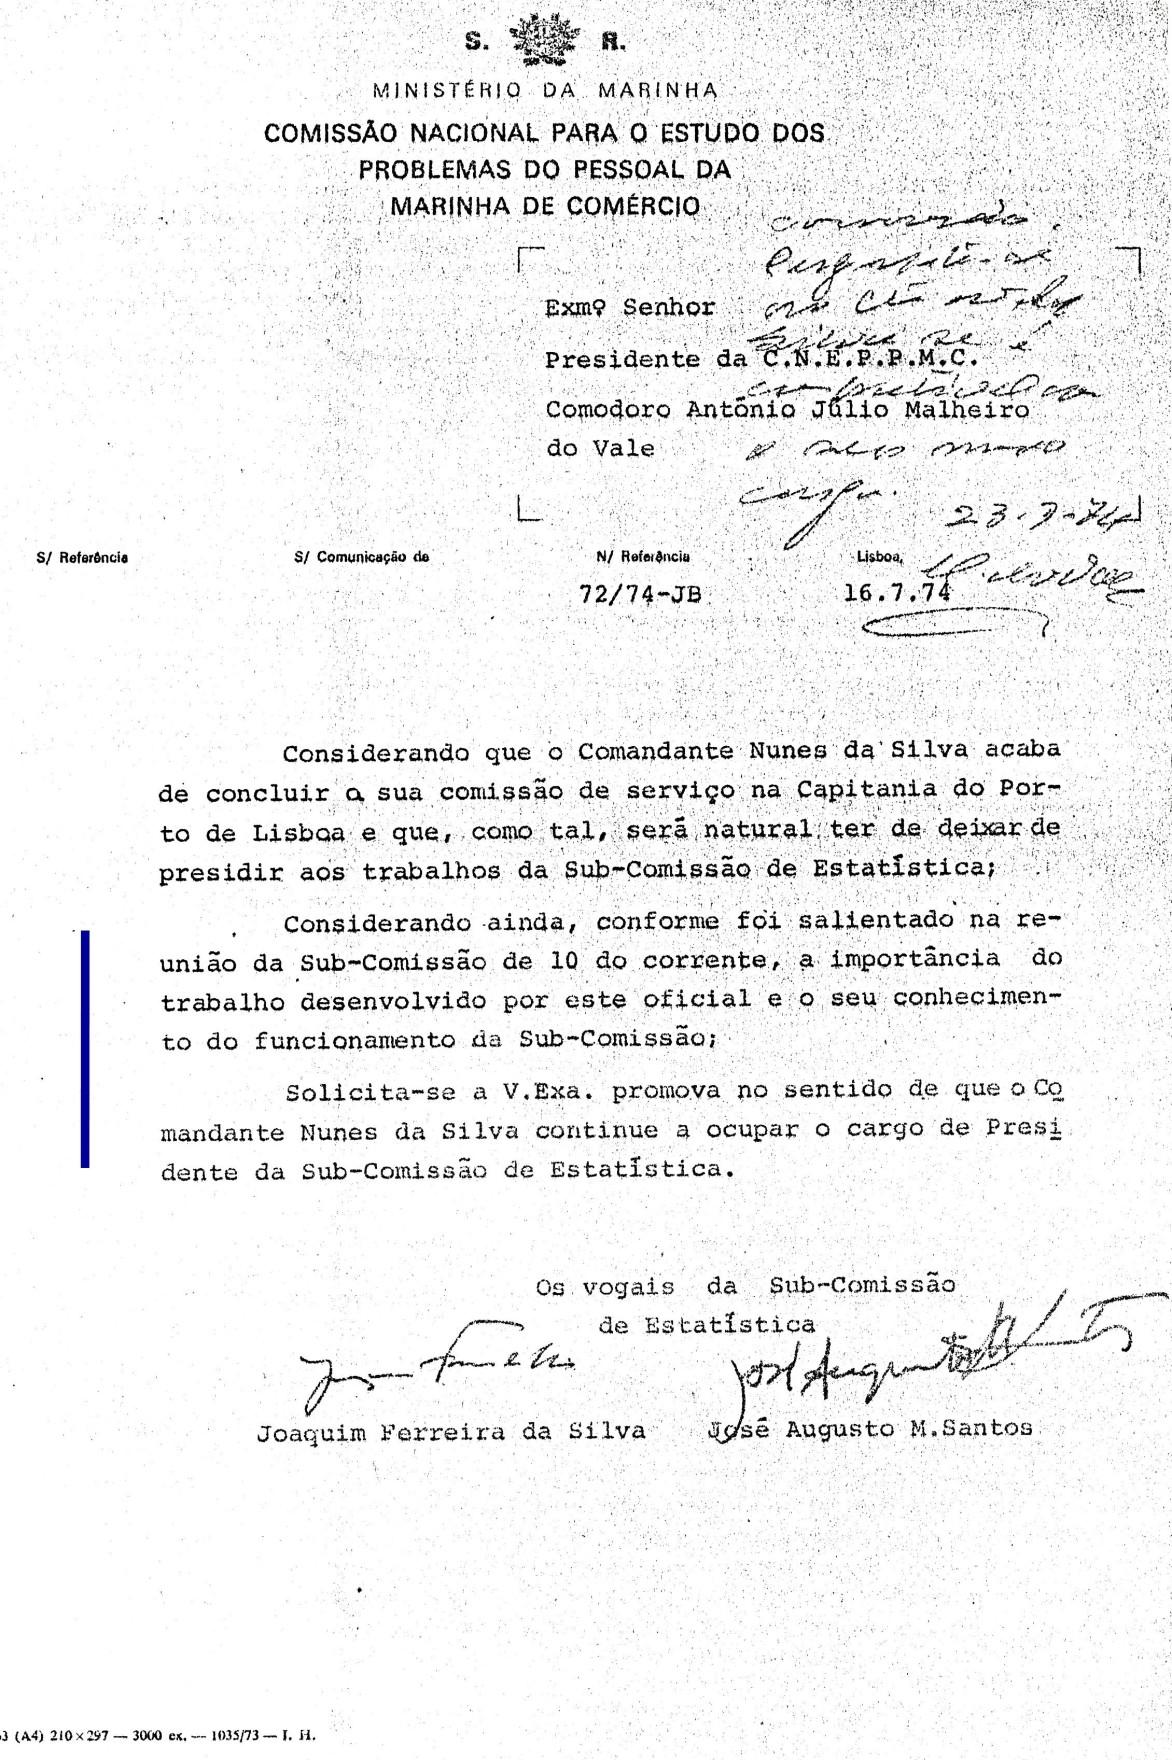 00649 974-07-16 os membros da Sub Comissão de Estatística solicitam ao Presidente da CNEPPMC que eu contin_20101113235512321